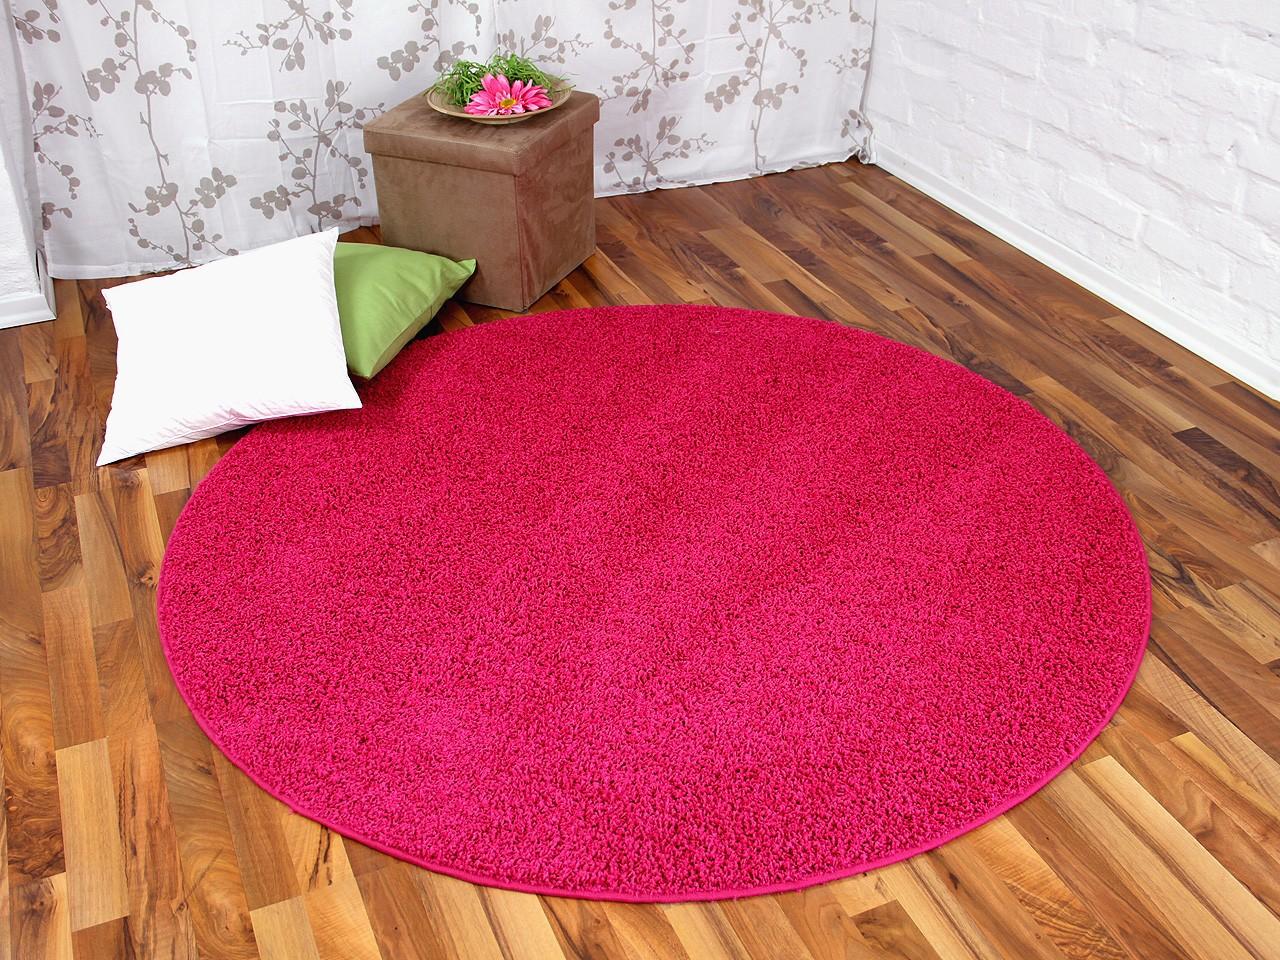 hochflor shaggy teppich prestige pink rund in 7 gr en teppiche hochflor langflor teppiche pink. Black Bedroom Furniture Sets. Home Design Ideas